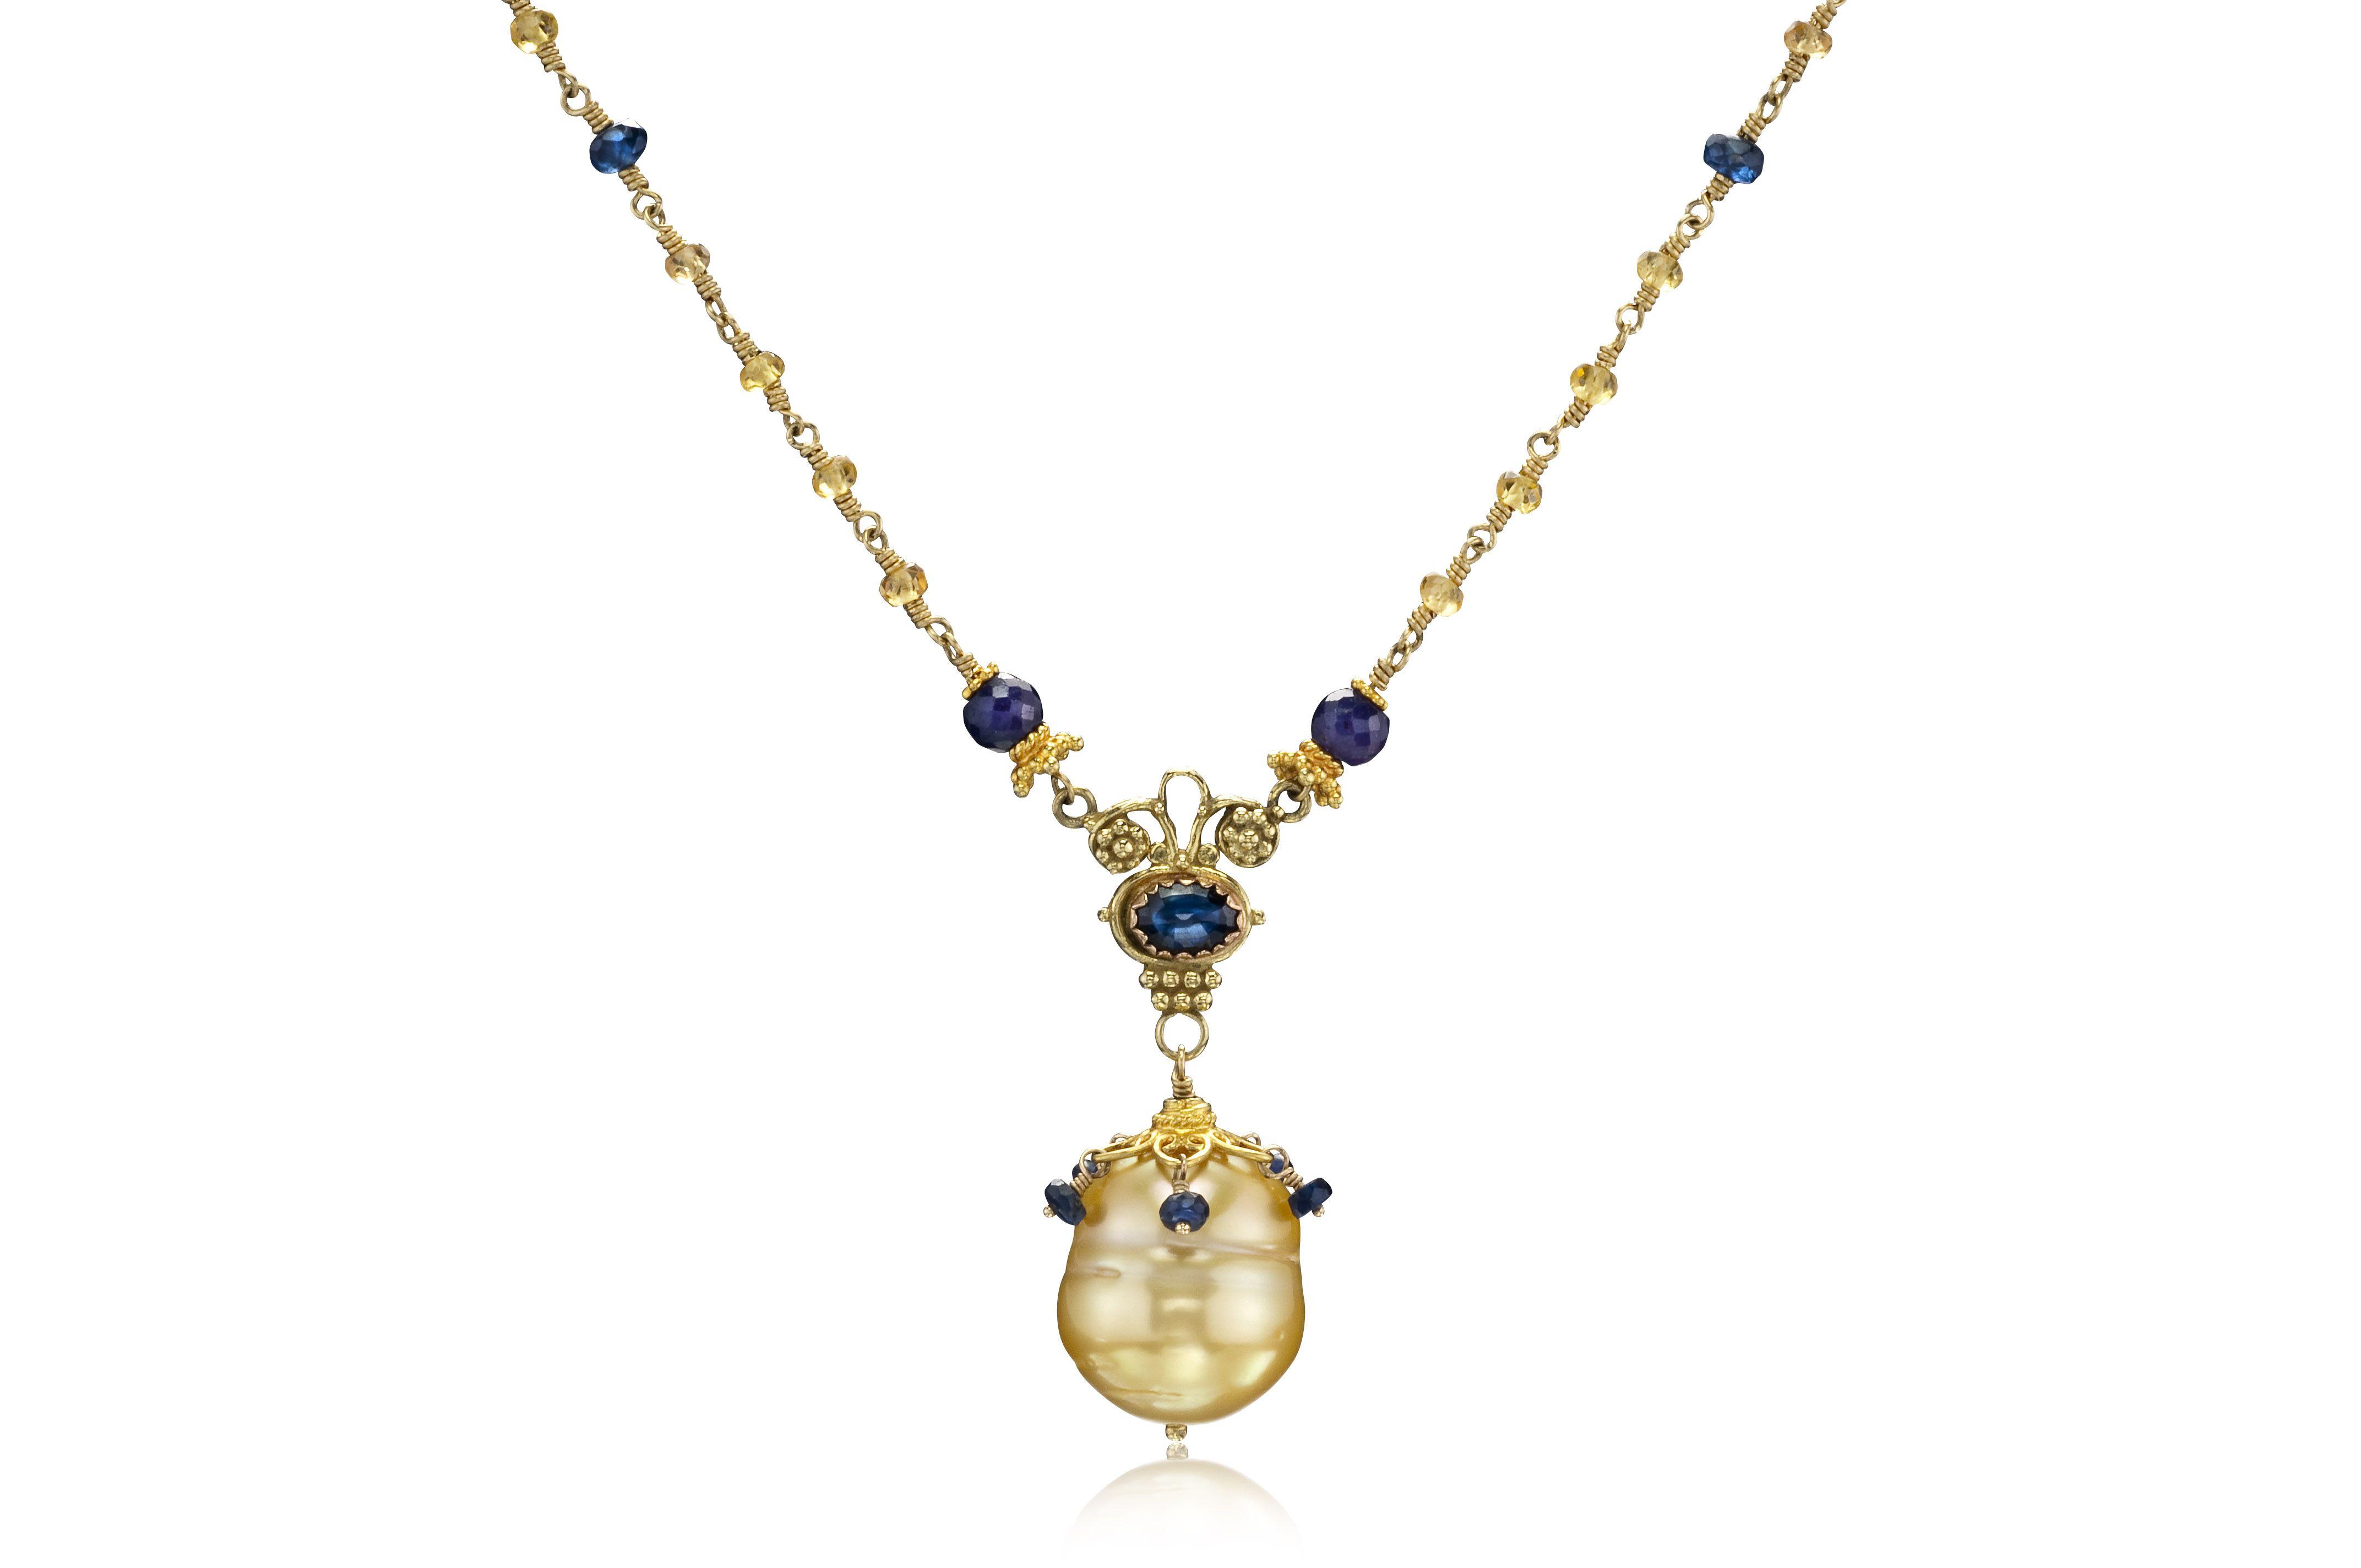 Photo of Goldene Südseeperle und gelb-blaue Saphir-Halskette aus 18 Karat Gold